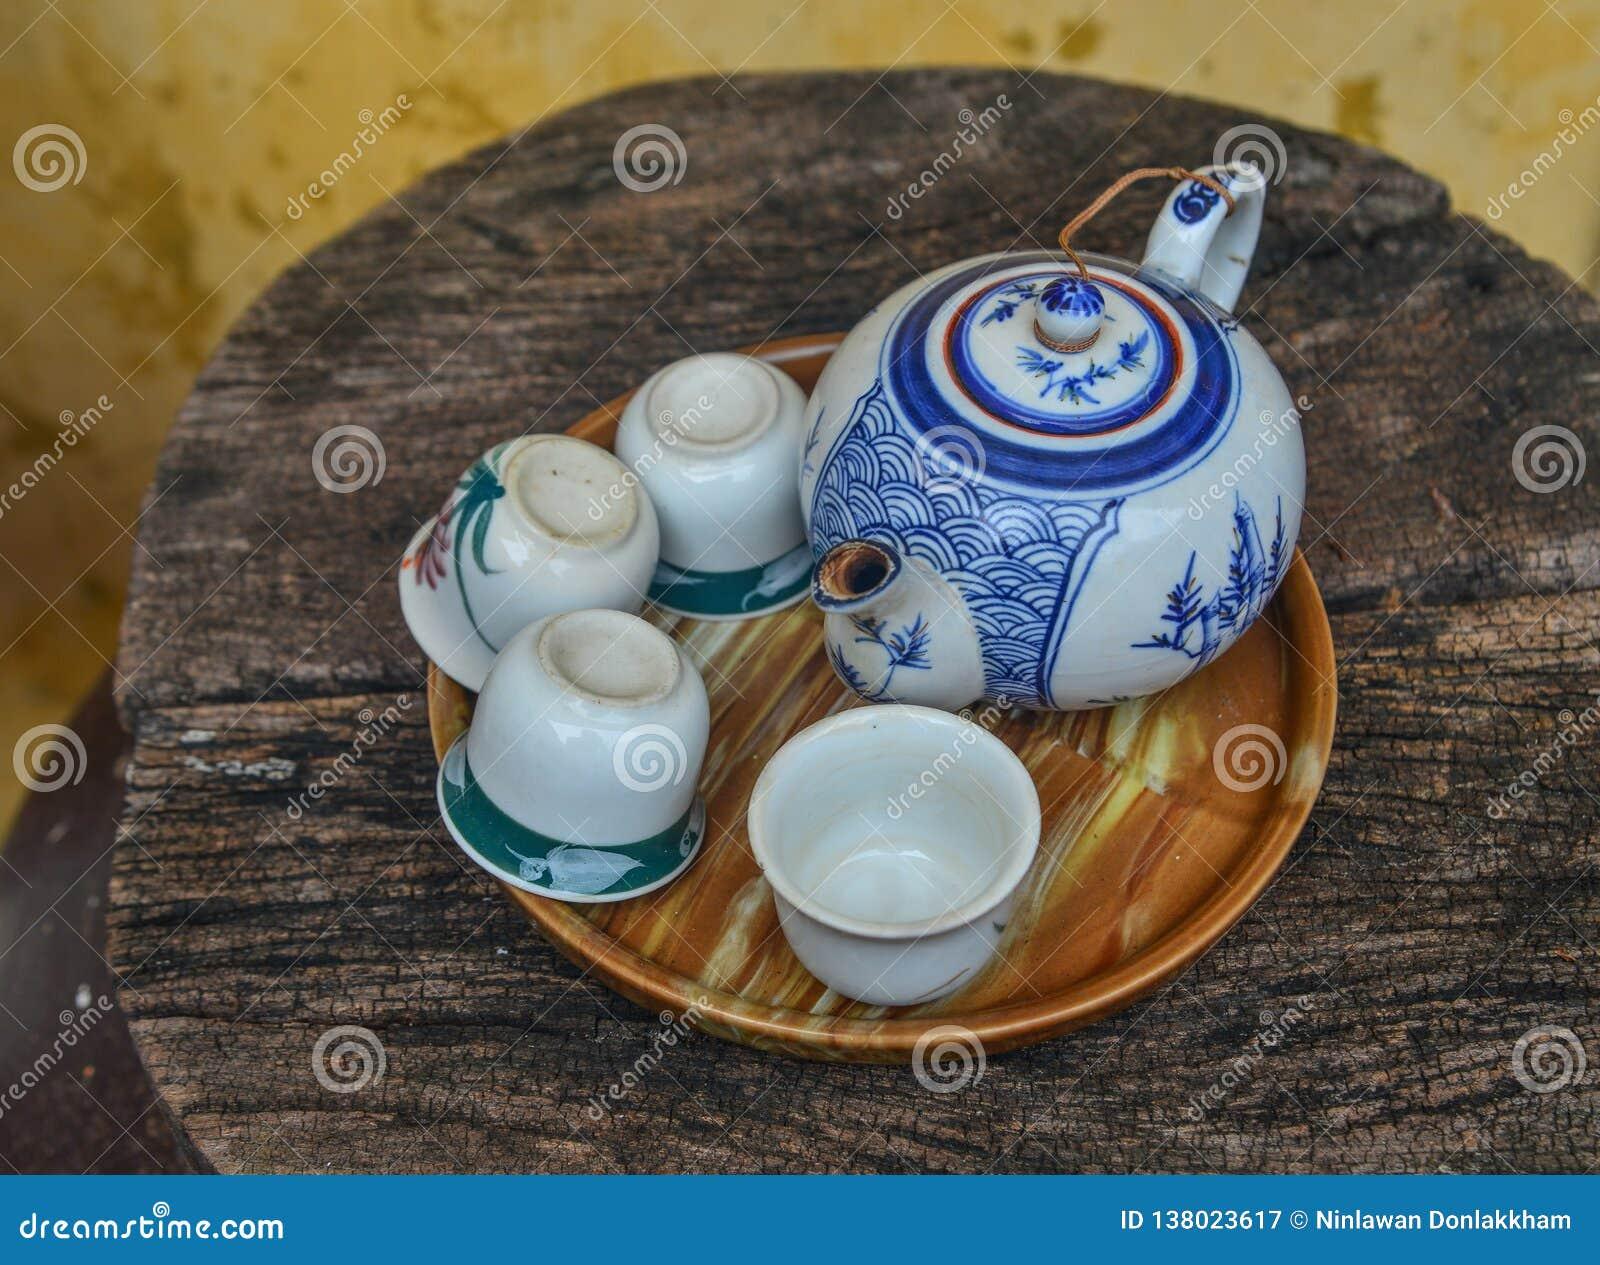 Set of teapot and teacup